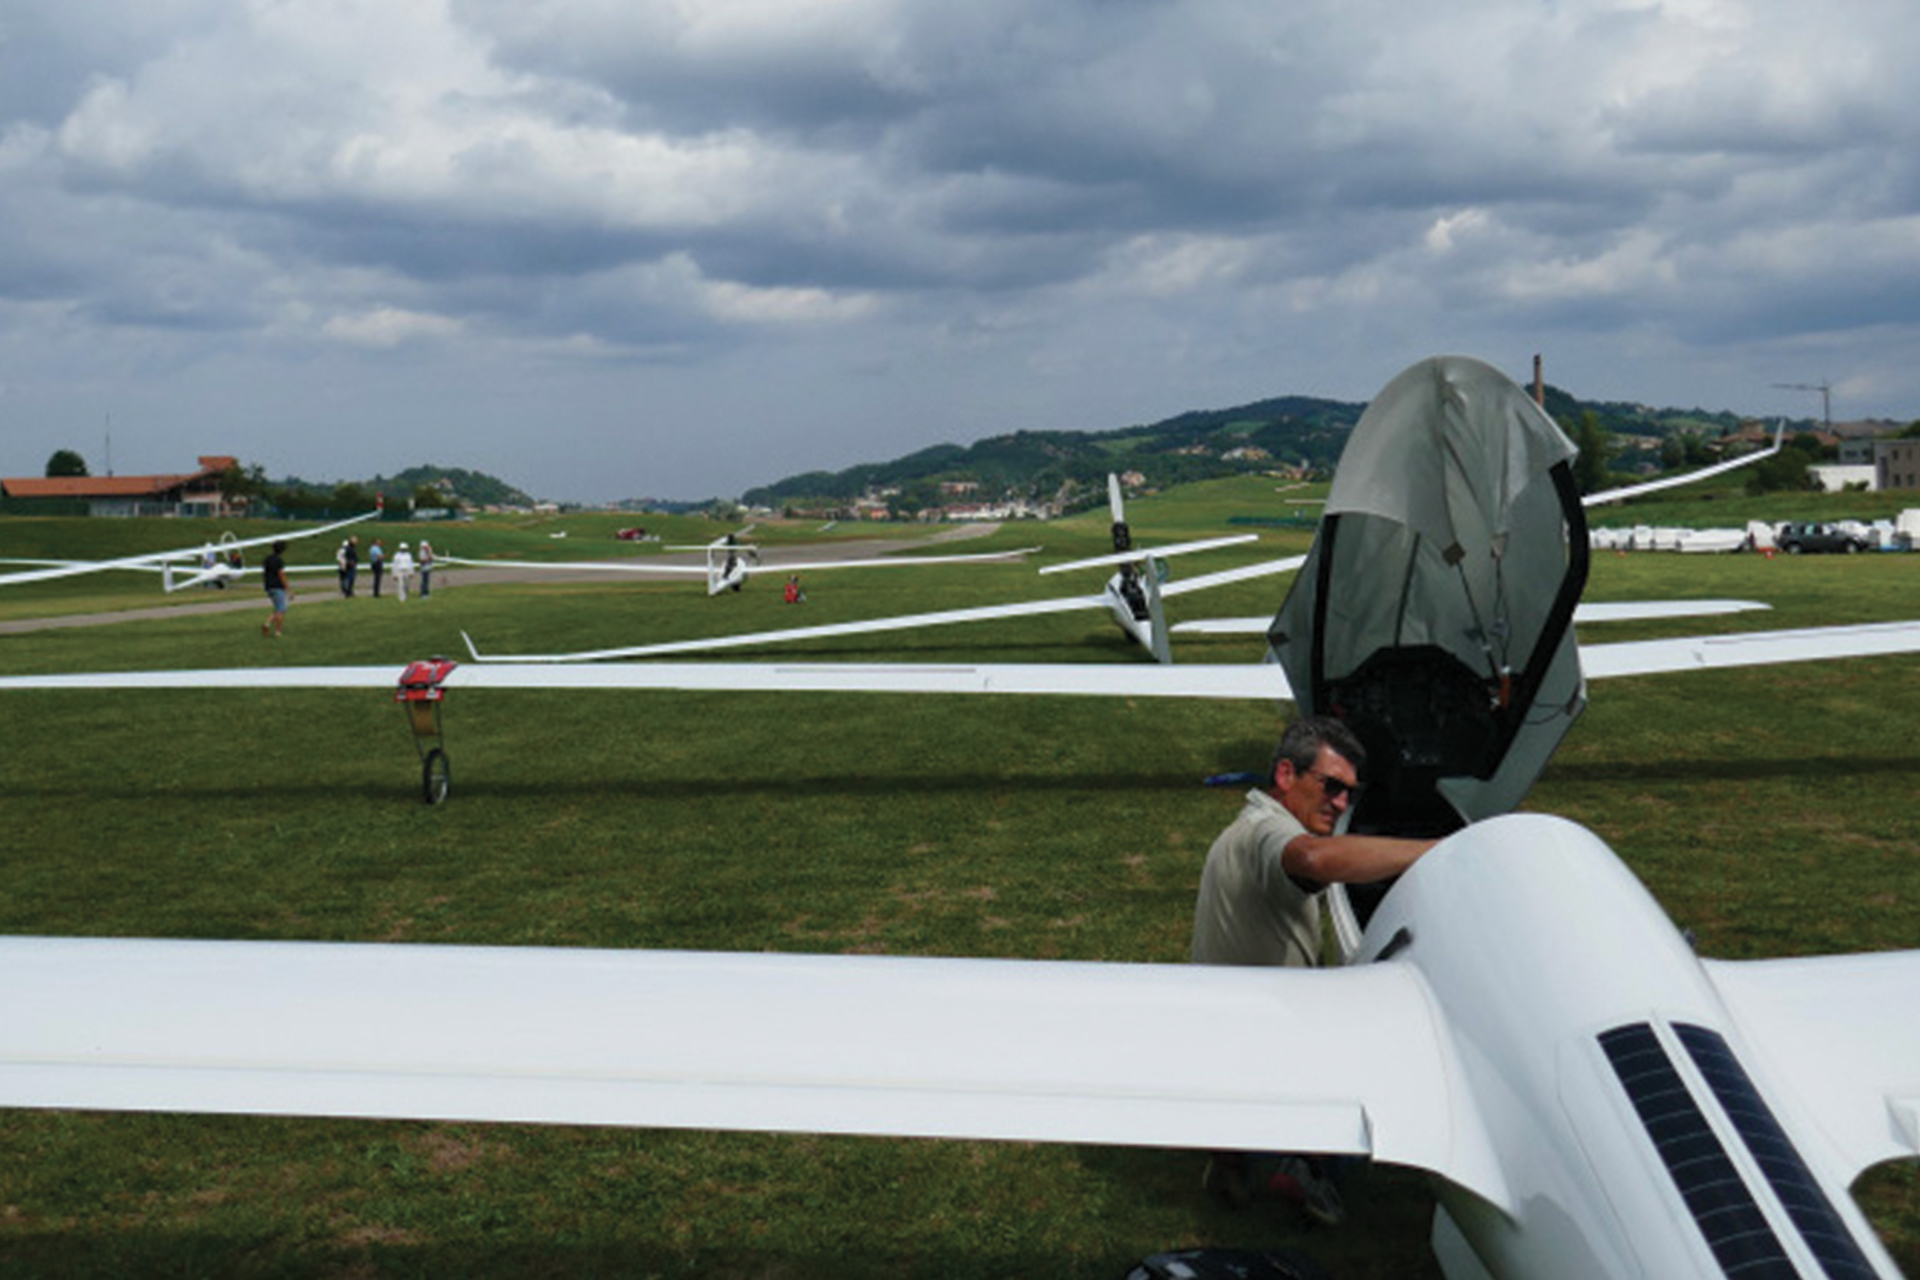 E-Glide Contest